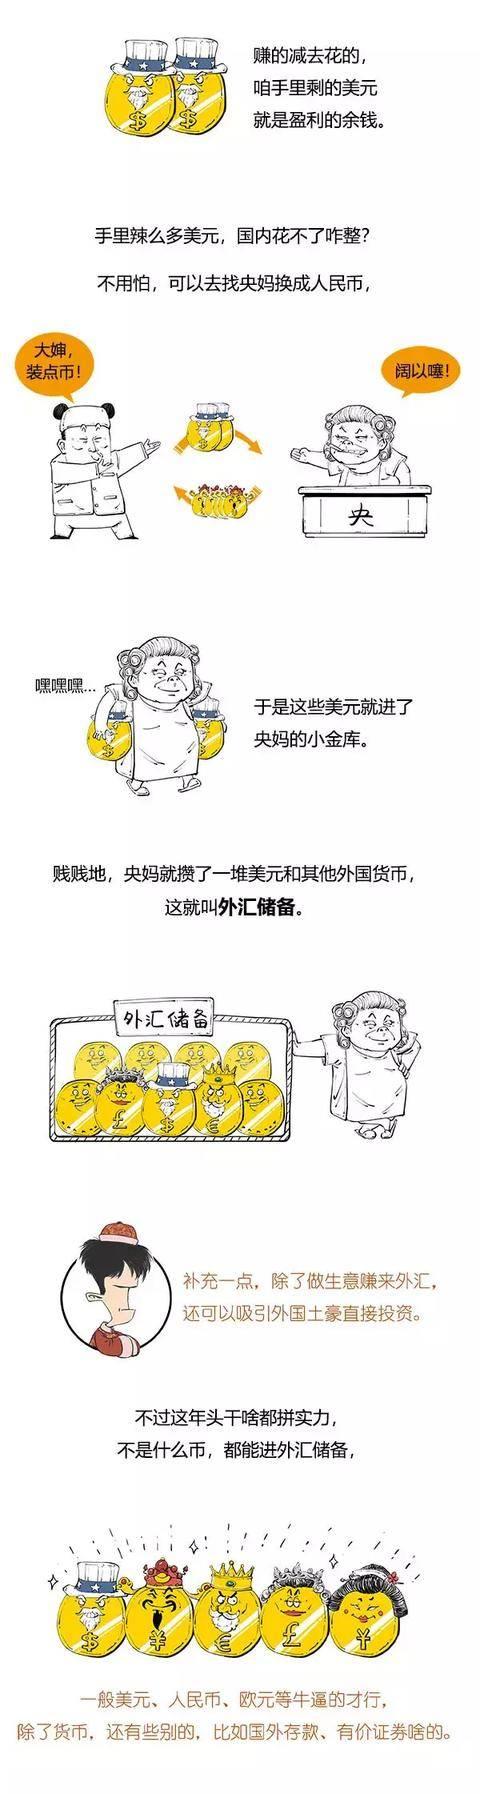 什么是外汇储备(外汇储备增加说明什么)插图(2)